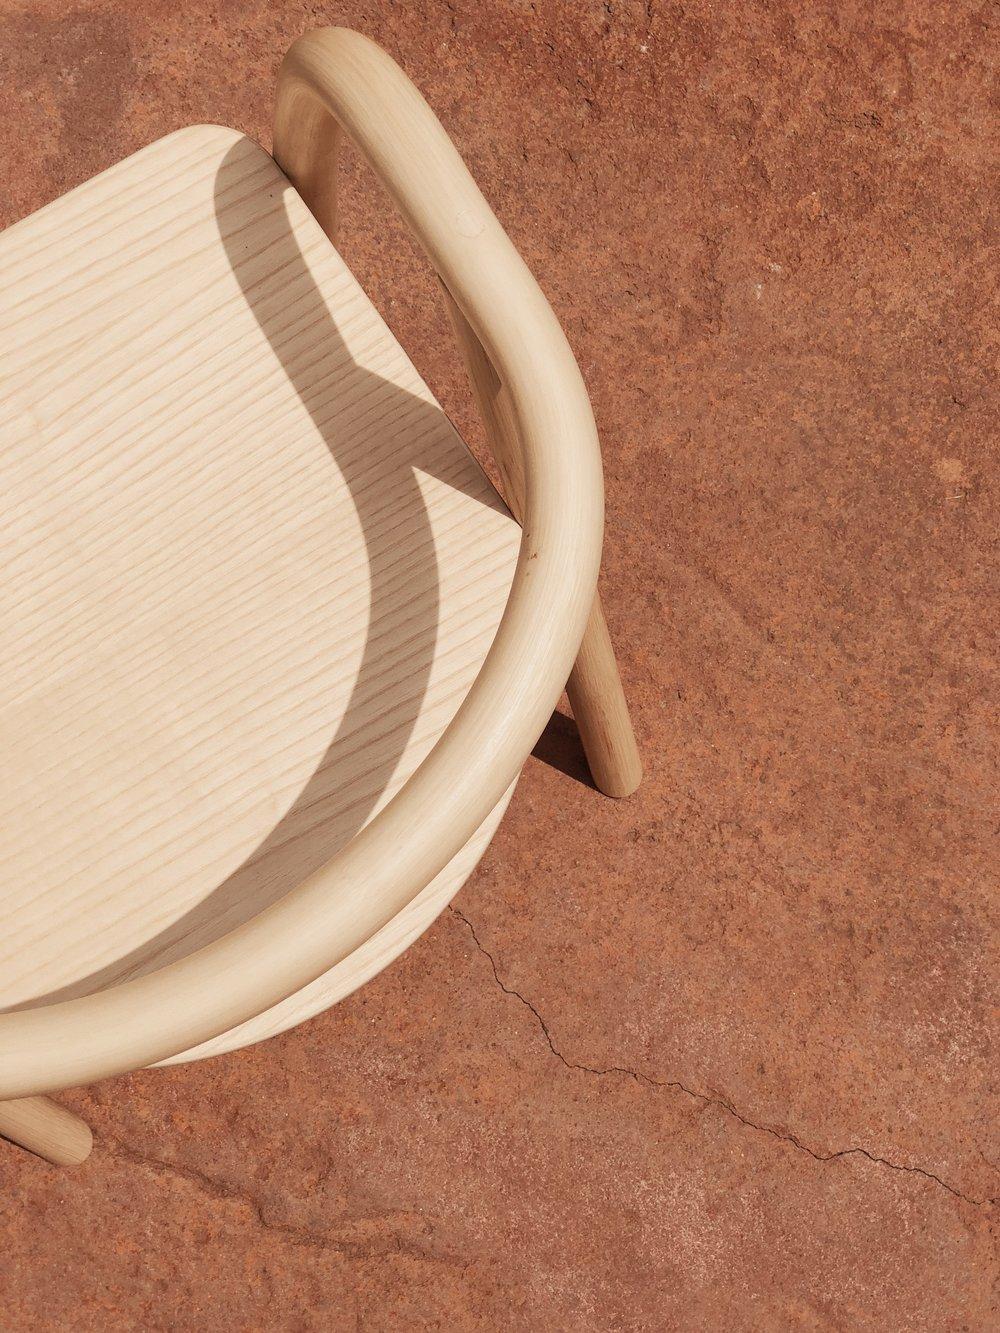 Mum and Dad Factory Chair_Chai TIme_Stella Simona_Noah Wilson_10.JPG